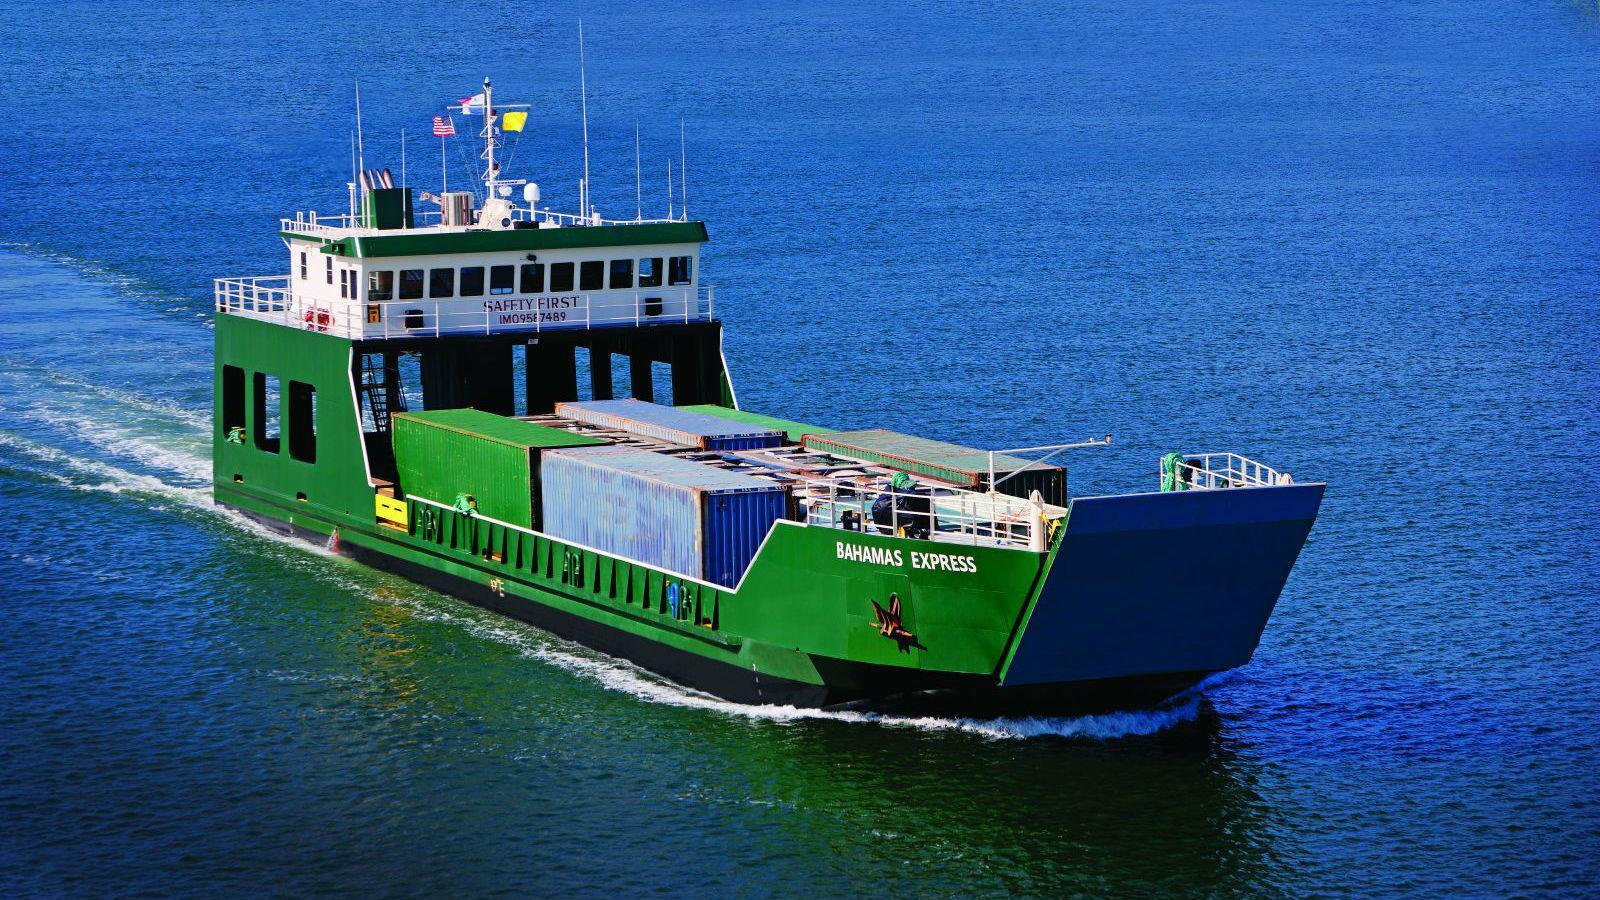 Maritime Len seacor providing hurricane relief in bahamas